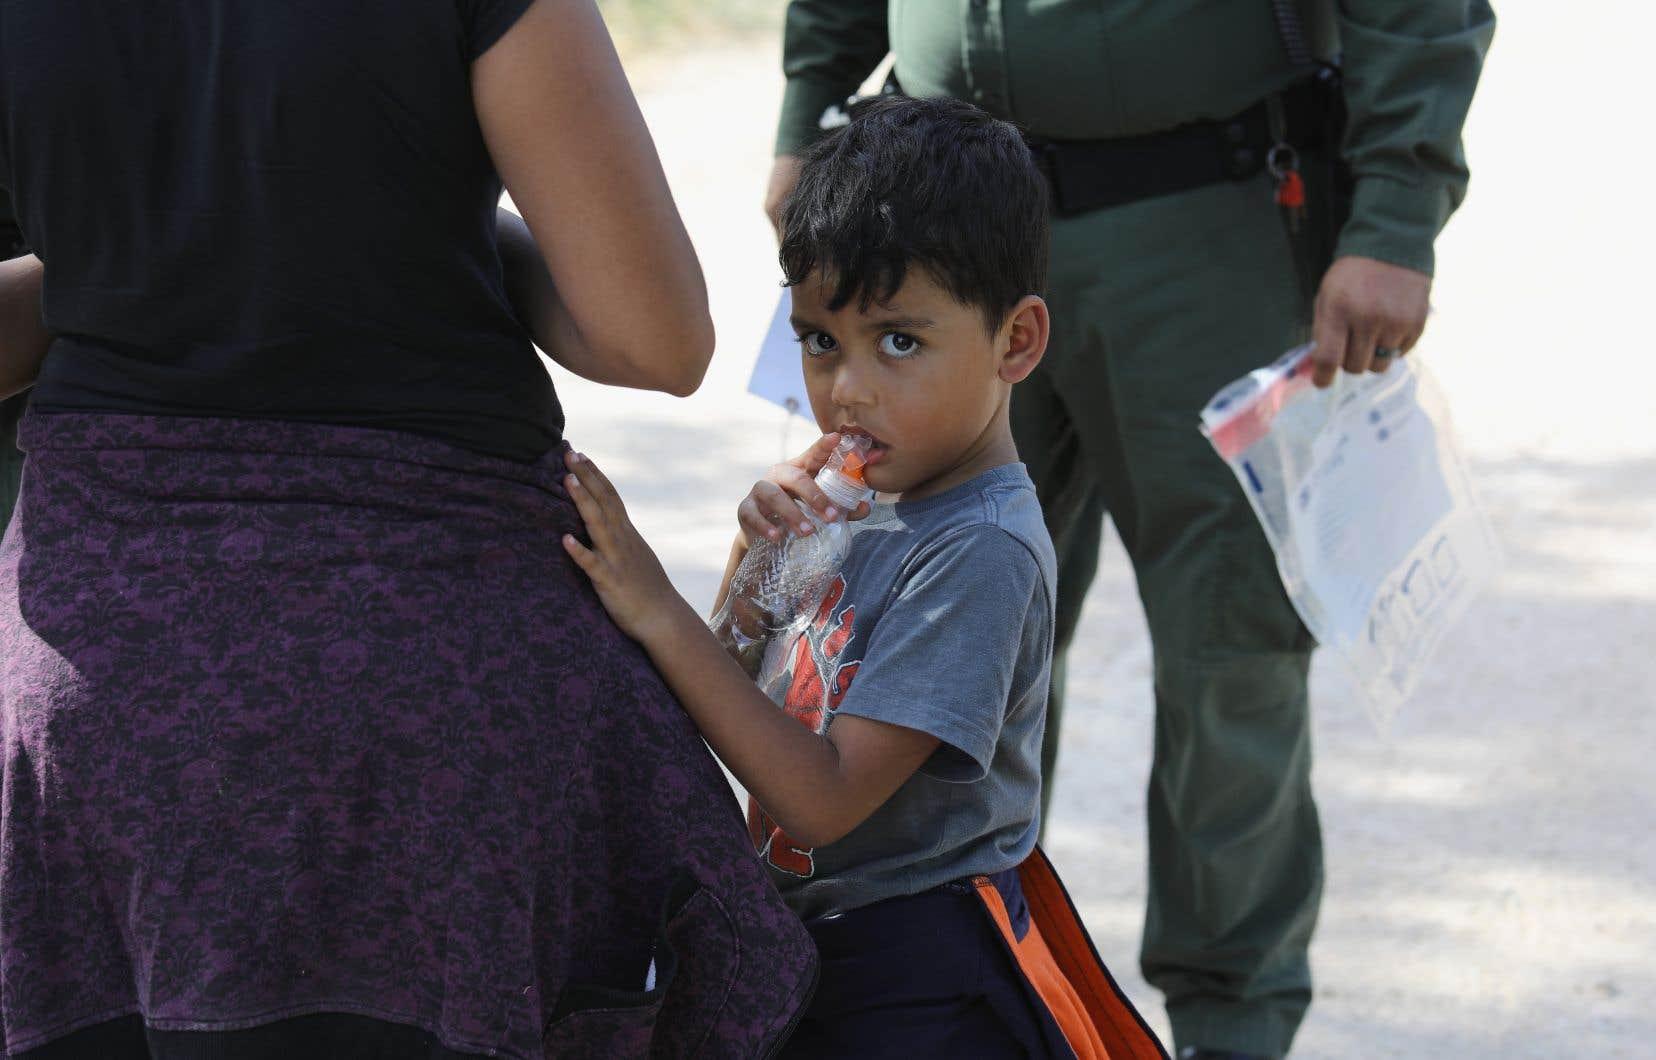 Entre le 19 avril et le 31 mai, 1995 mineurs ont été séparés de 1940 adultes interpellés et détenus par la police des frontières américaines.